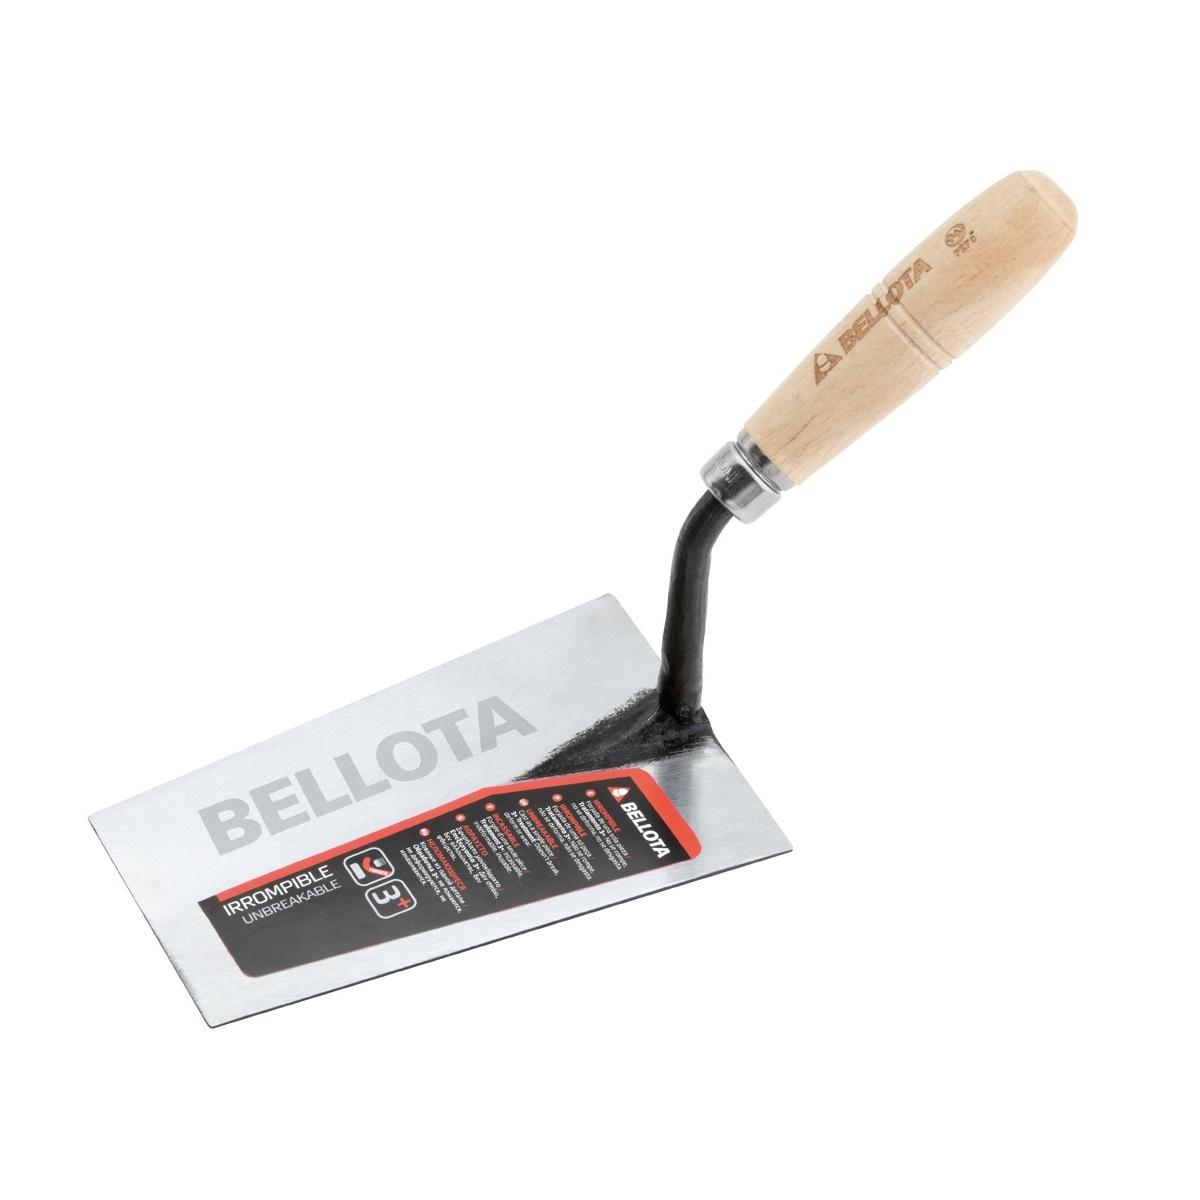 Paleta 5844-B - Herramientas manuales para la construcción - Marca Bellota